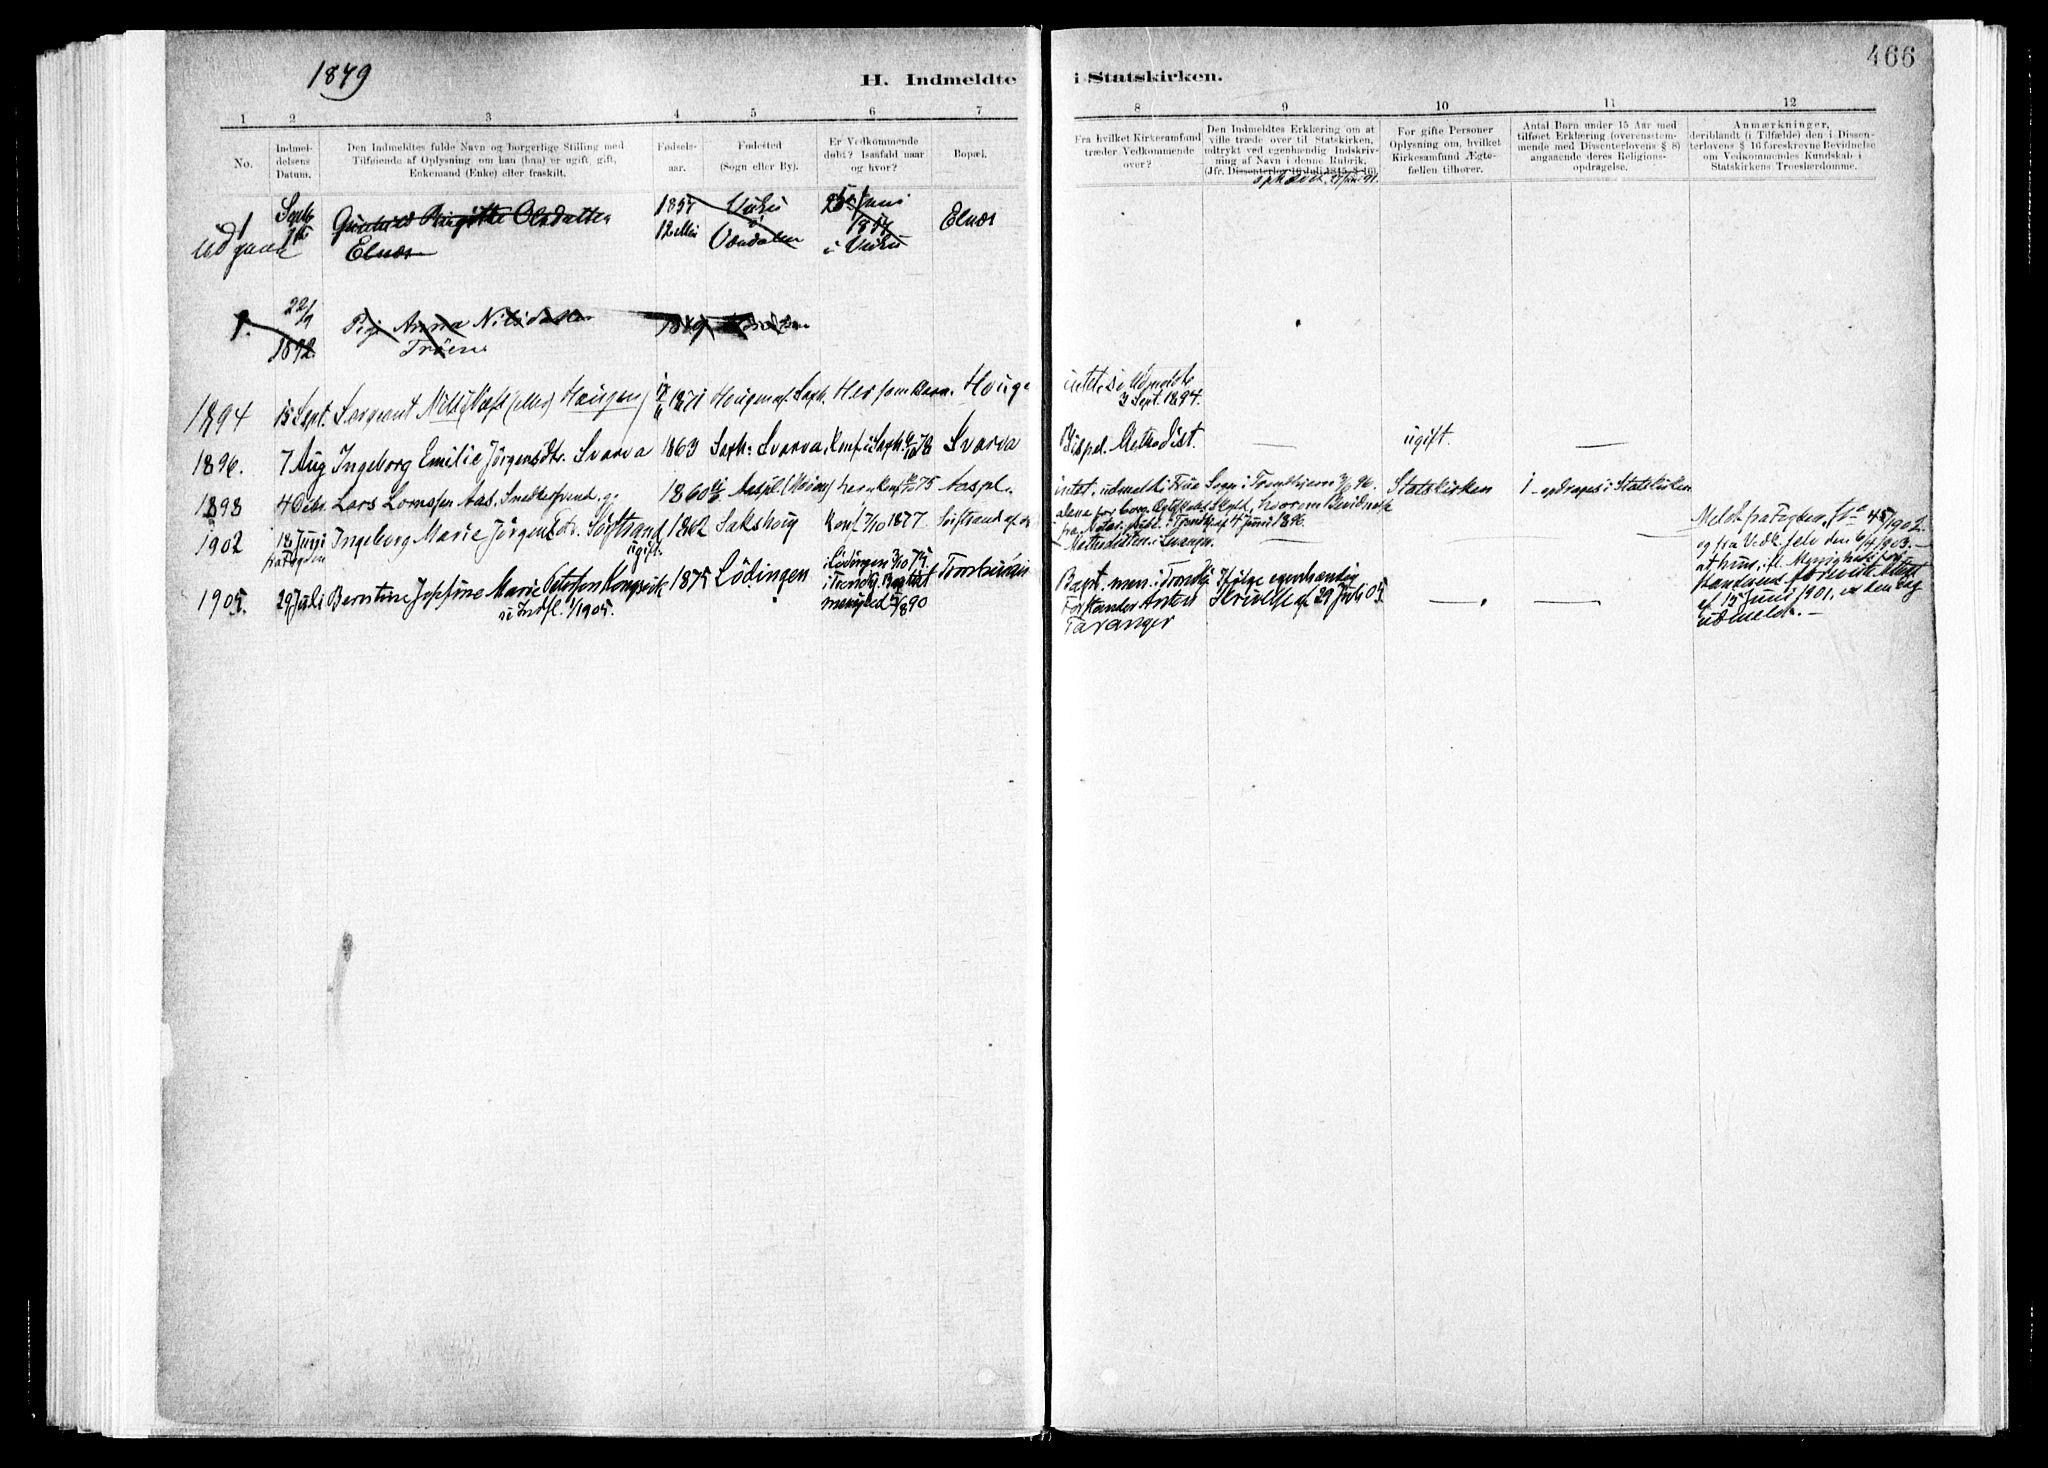 SAT, Ministerialprotokoller, klokkerbøker og fødselsregistre - Nord-Trøndelag, 730/L0285: Parish register (official) no. 730A10, 1879-1914, p. 466